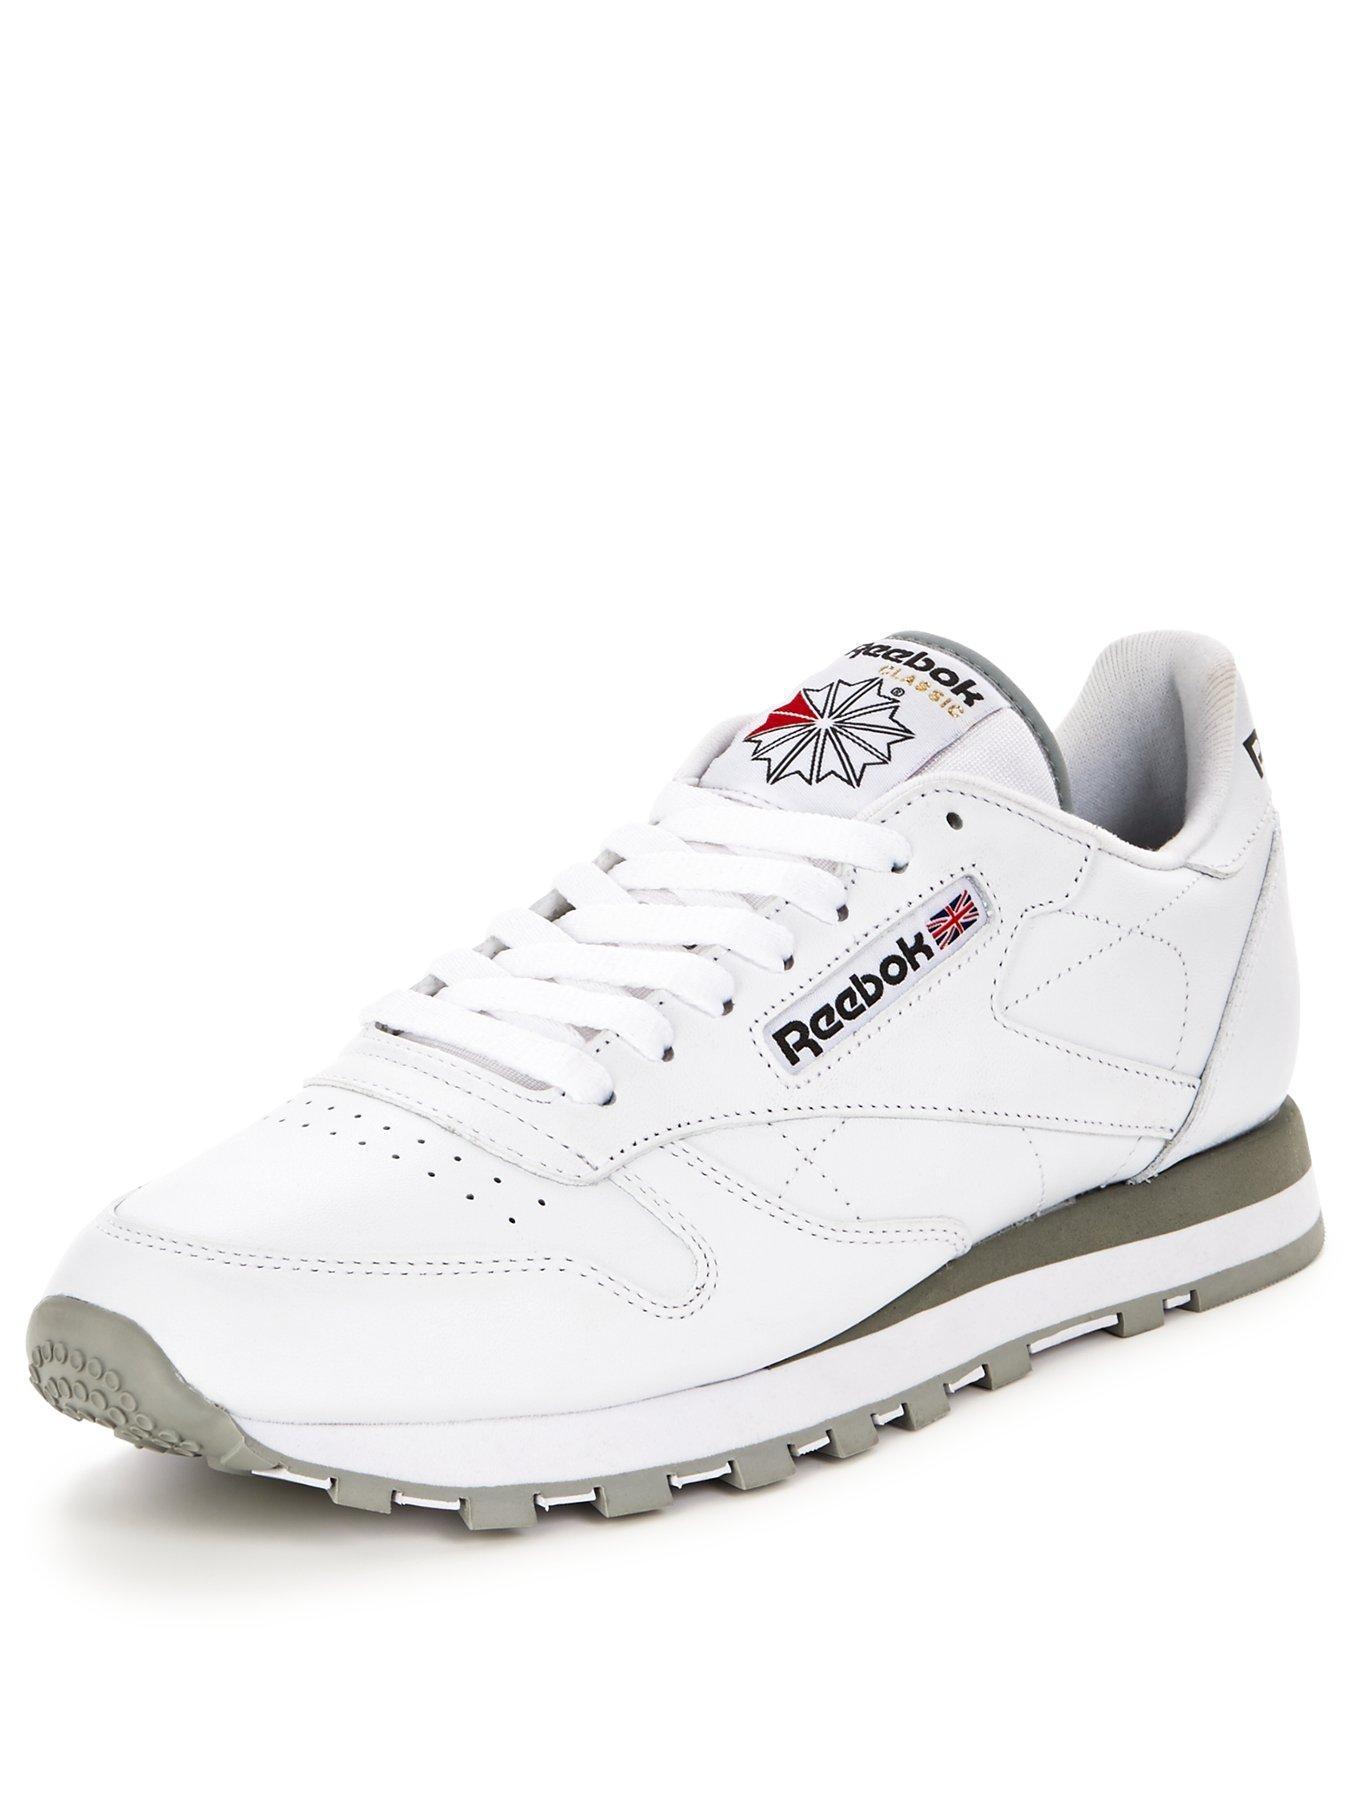 Reebok CL Leather 1600112312 Women's Shoes Reebok Trainers